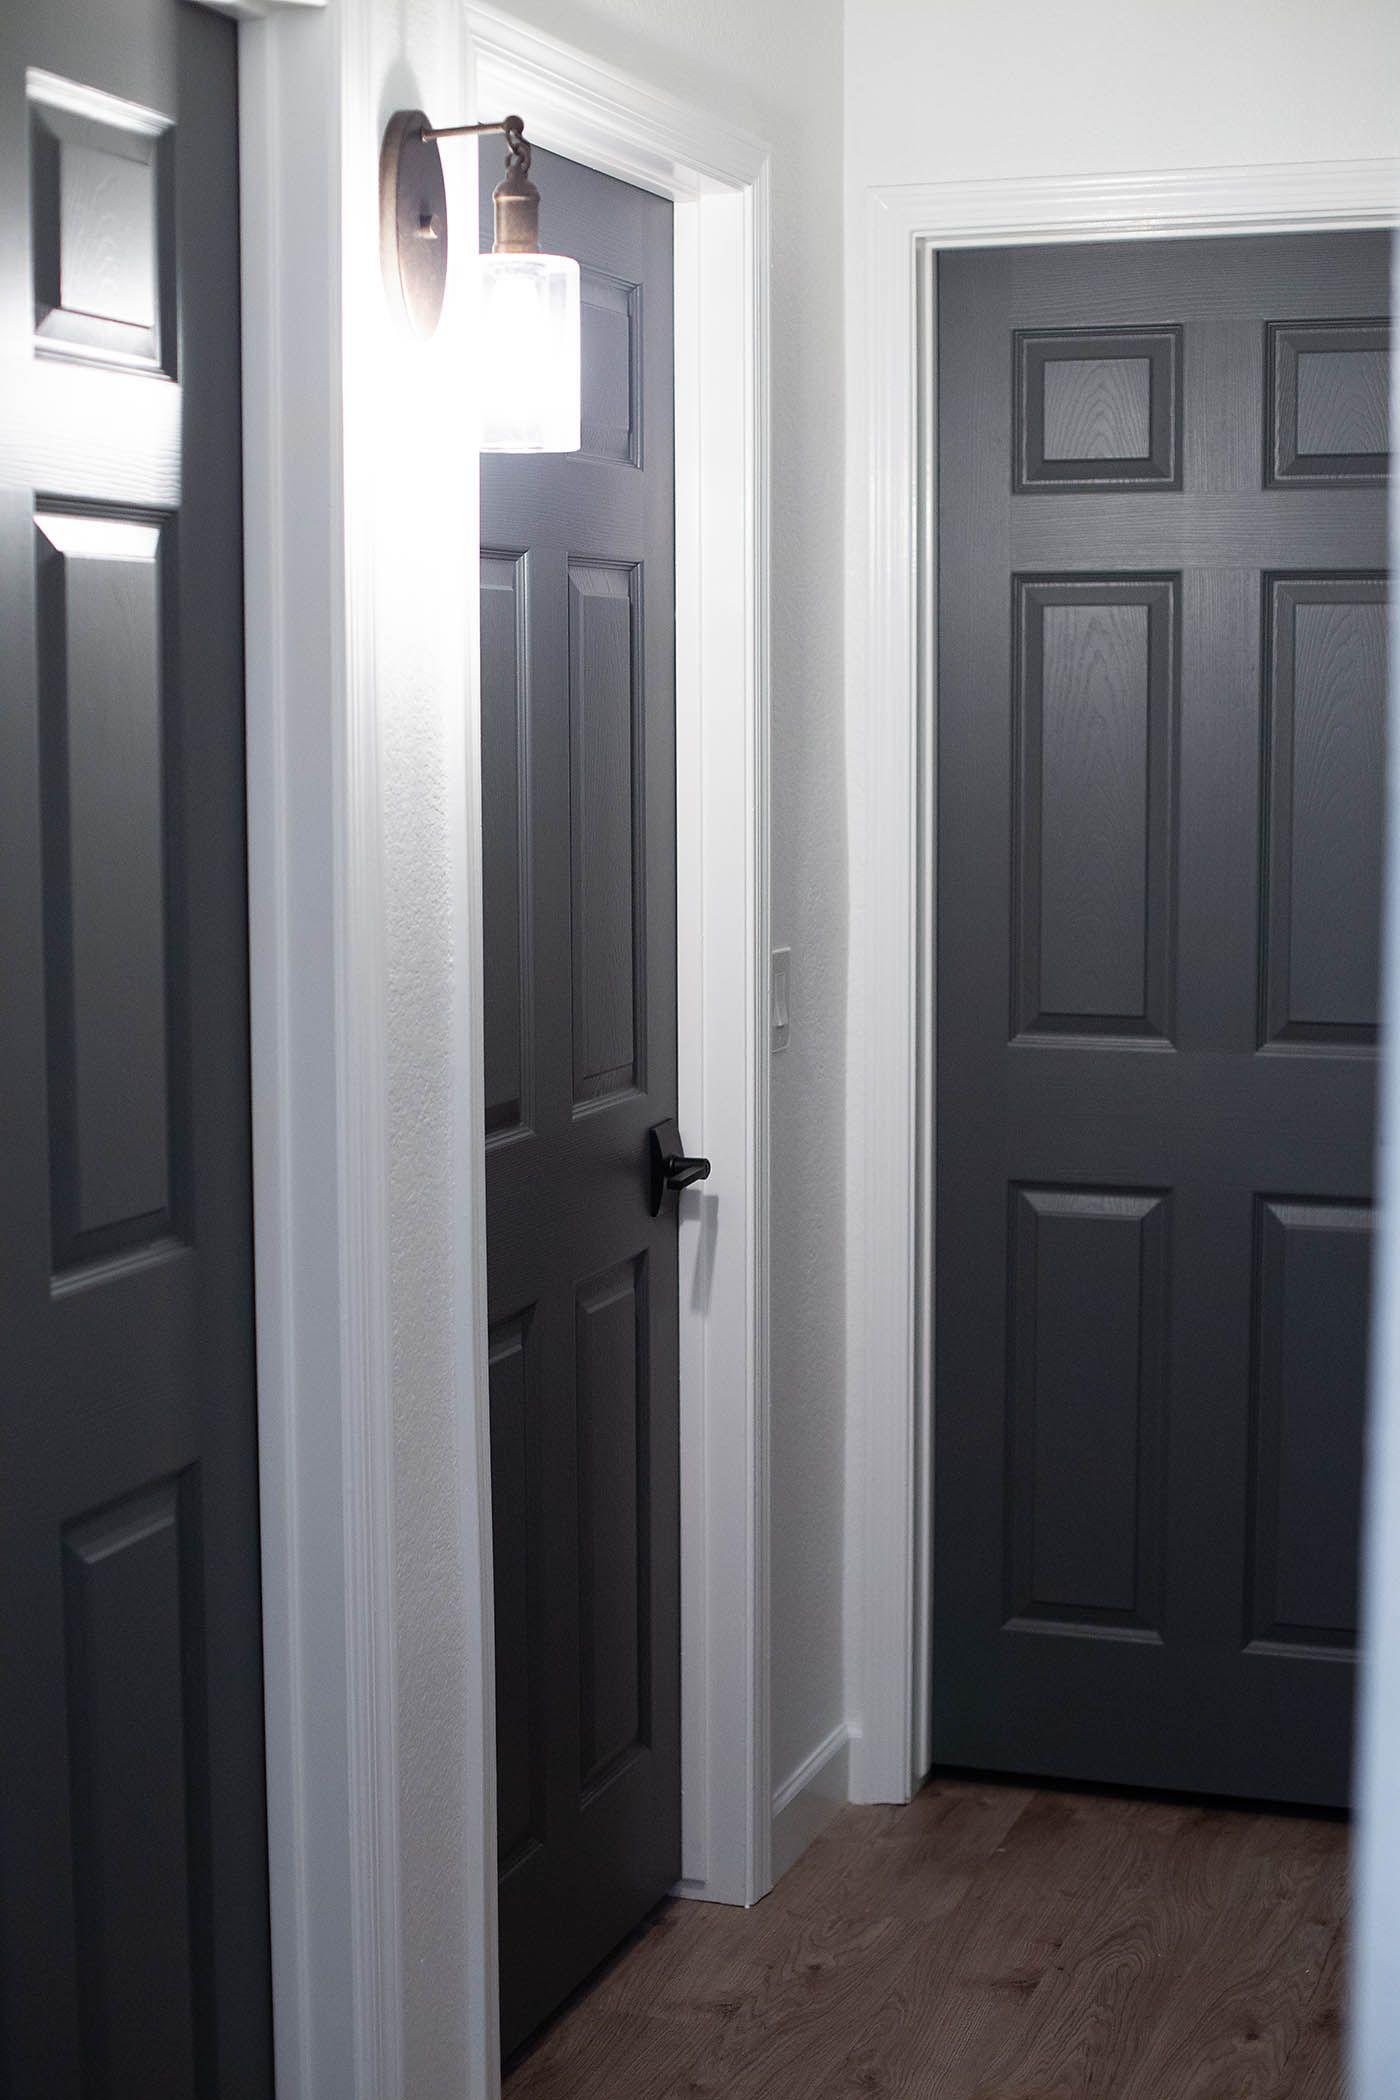 Dark Gray Doors How To Paint Your Own Grey Interior Doors Painted Interior Doors Black Interior Doors